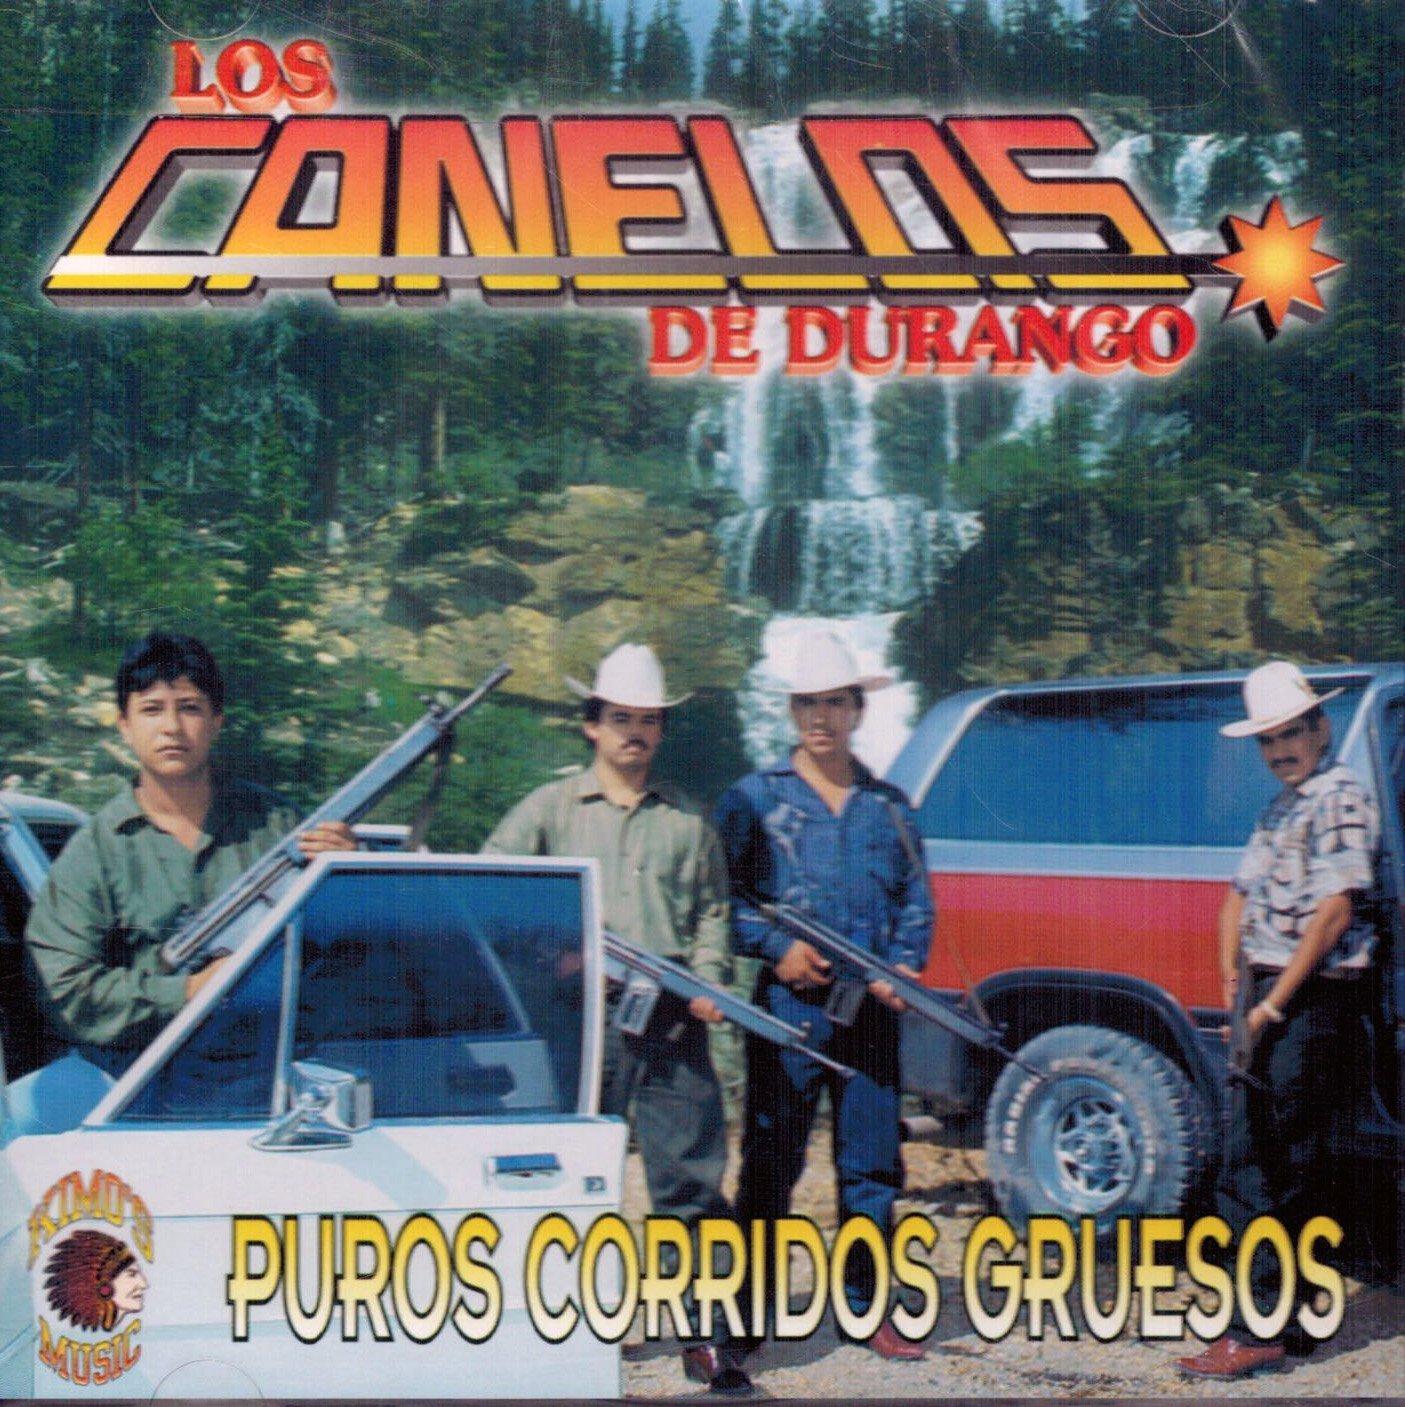 Los Canelos De Durango (Puros Corridos Gruesos Km-493) by Kimos Musical